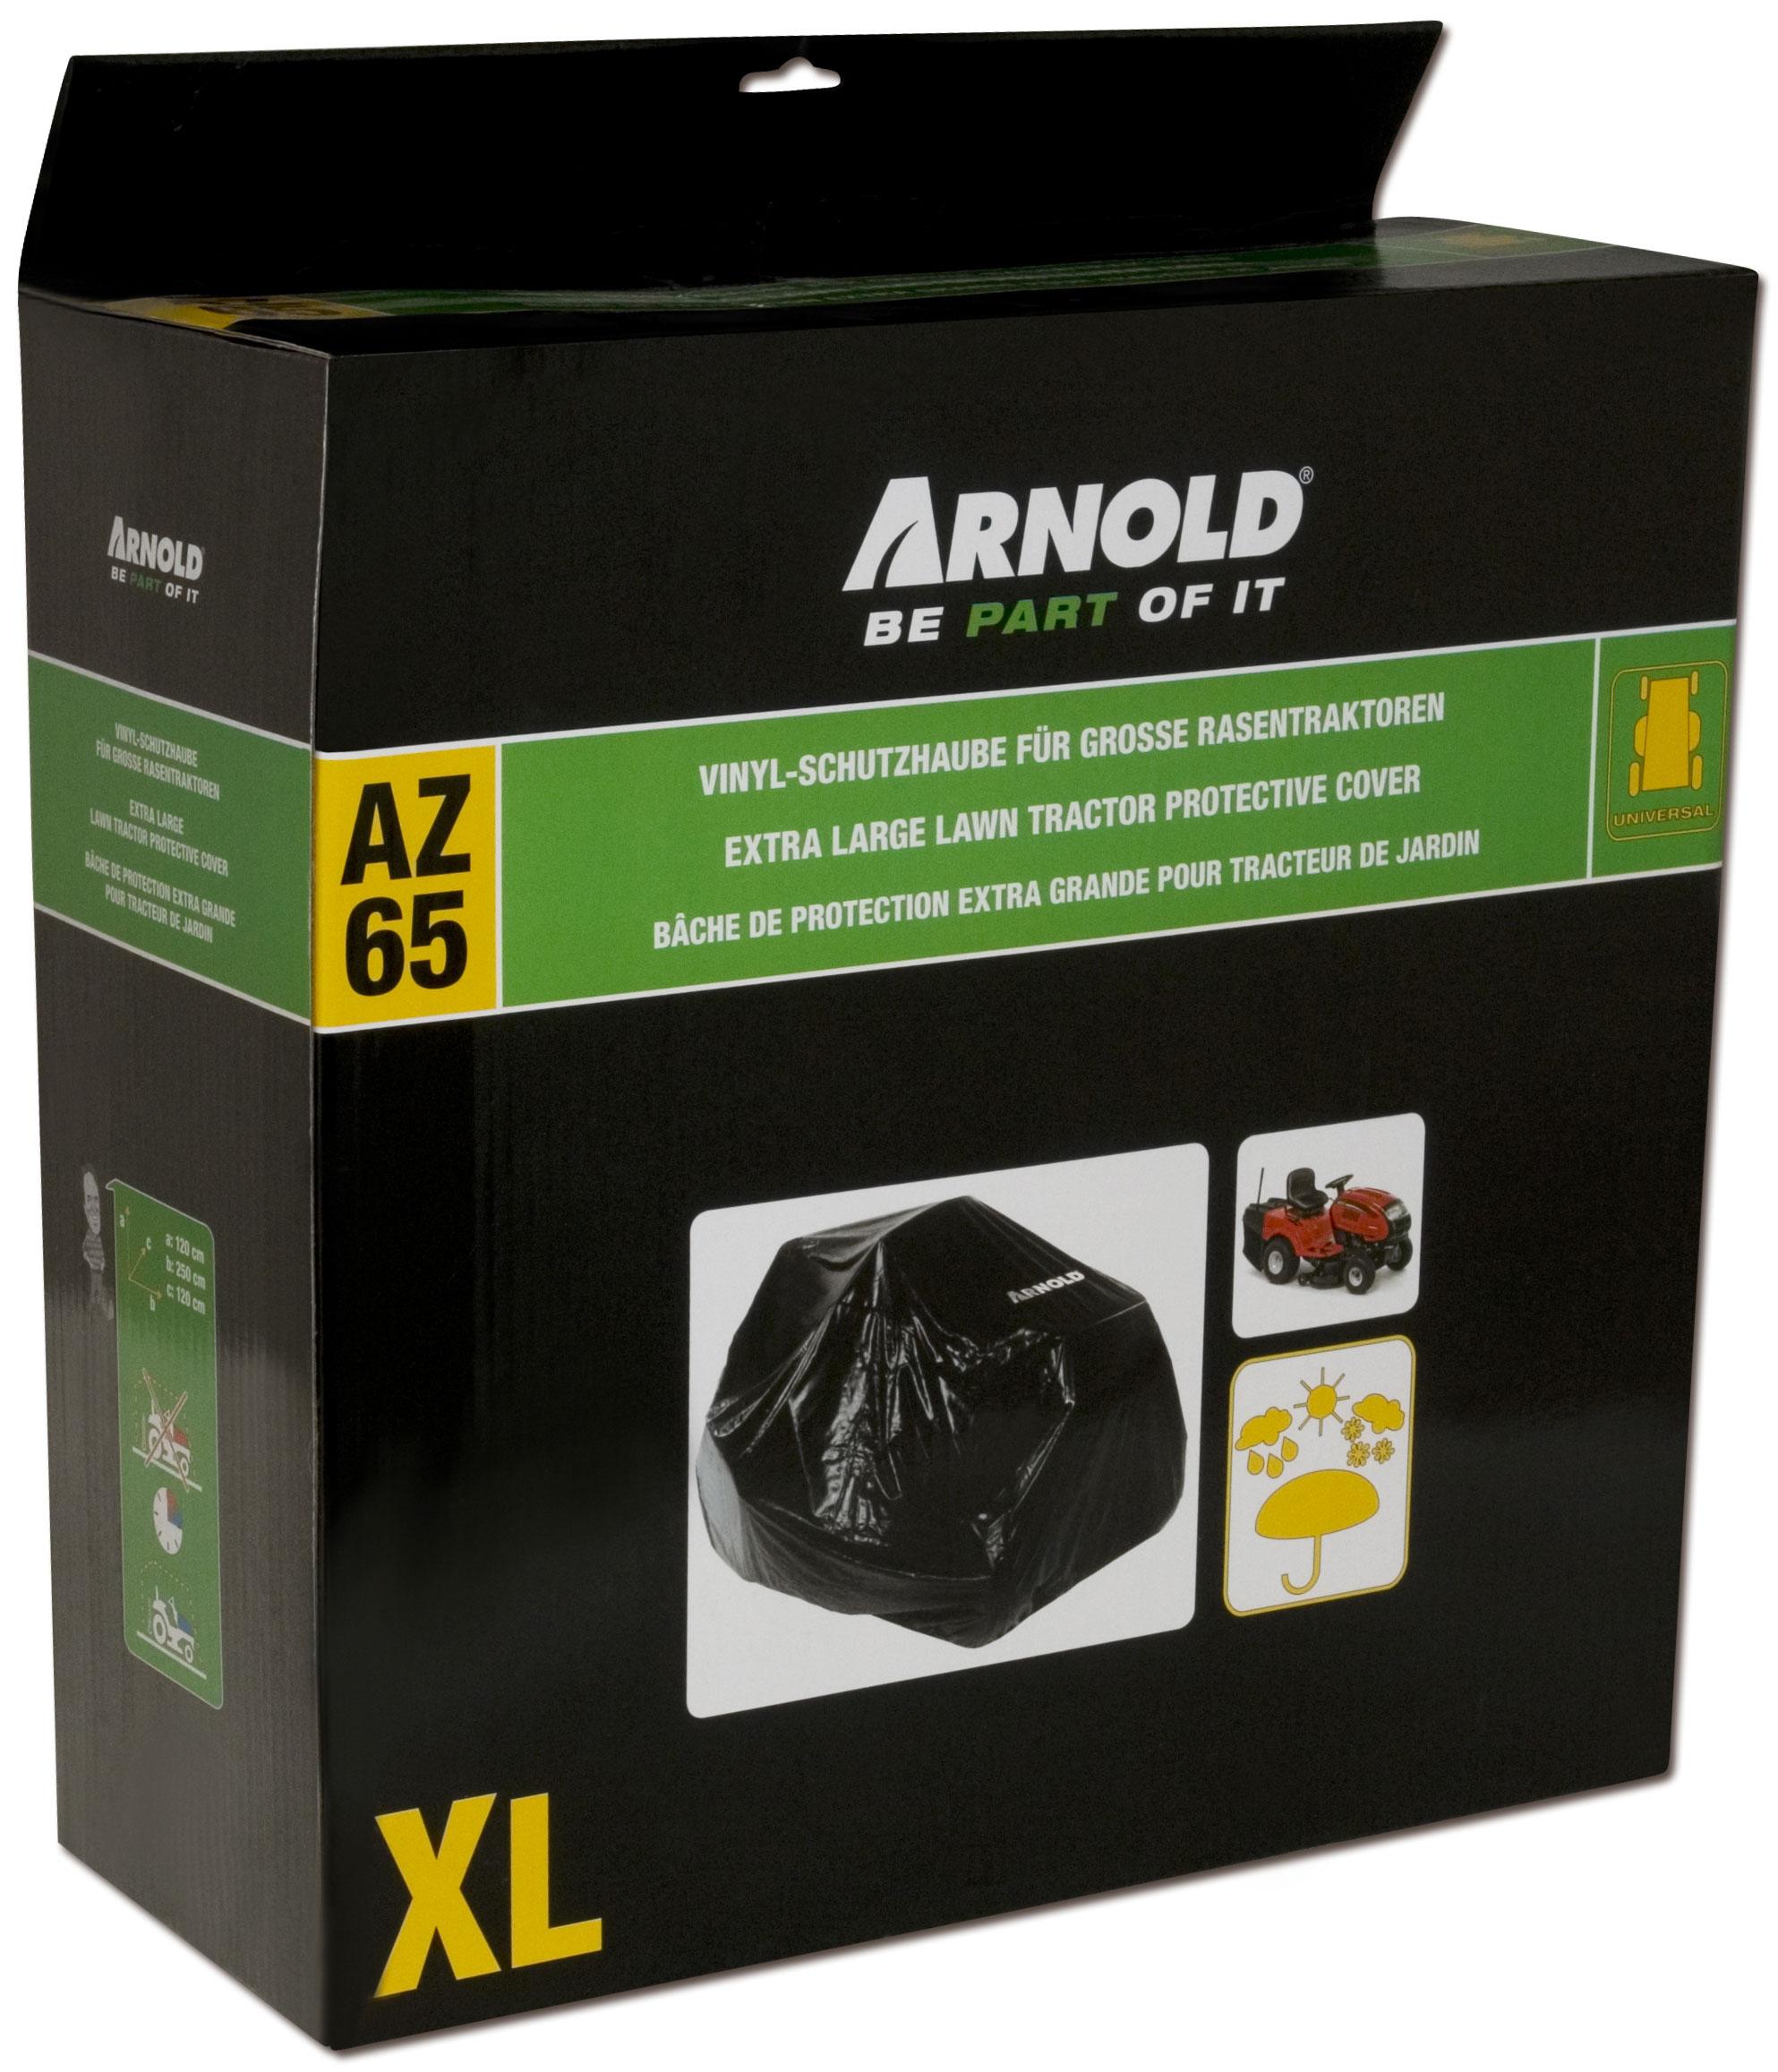 Arnold Abdeckhaube / Schutzhülle MTD für Rasentraktor XL Bild 1